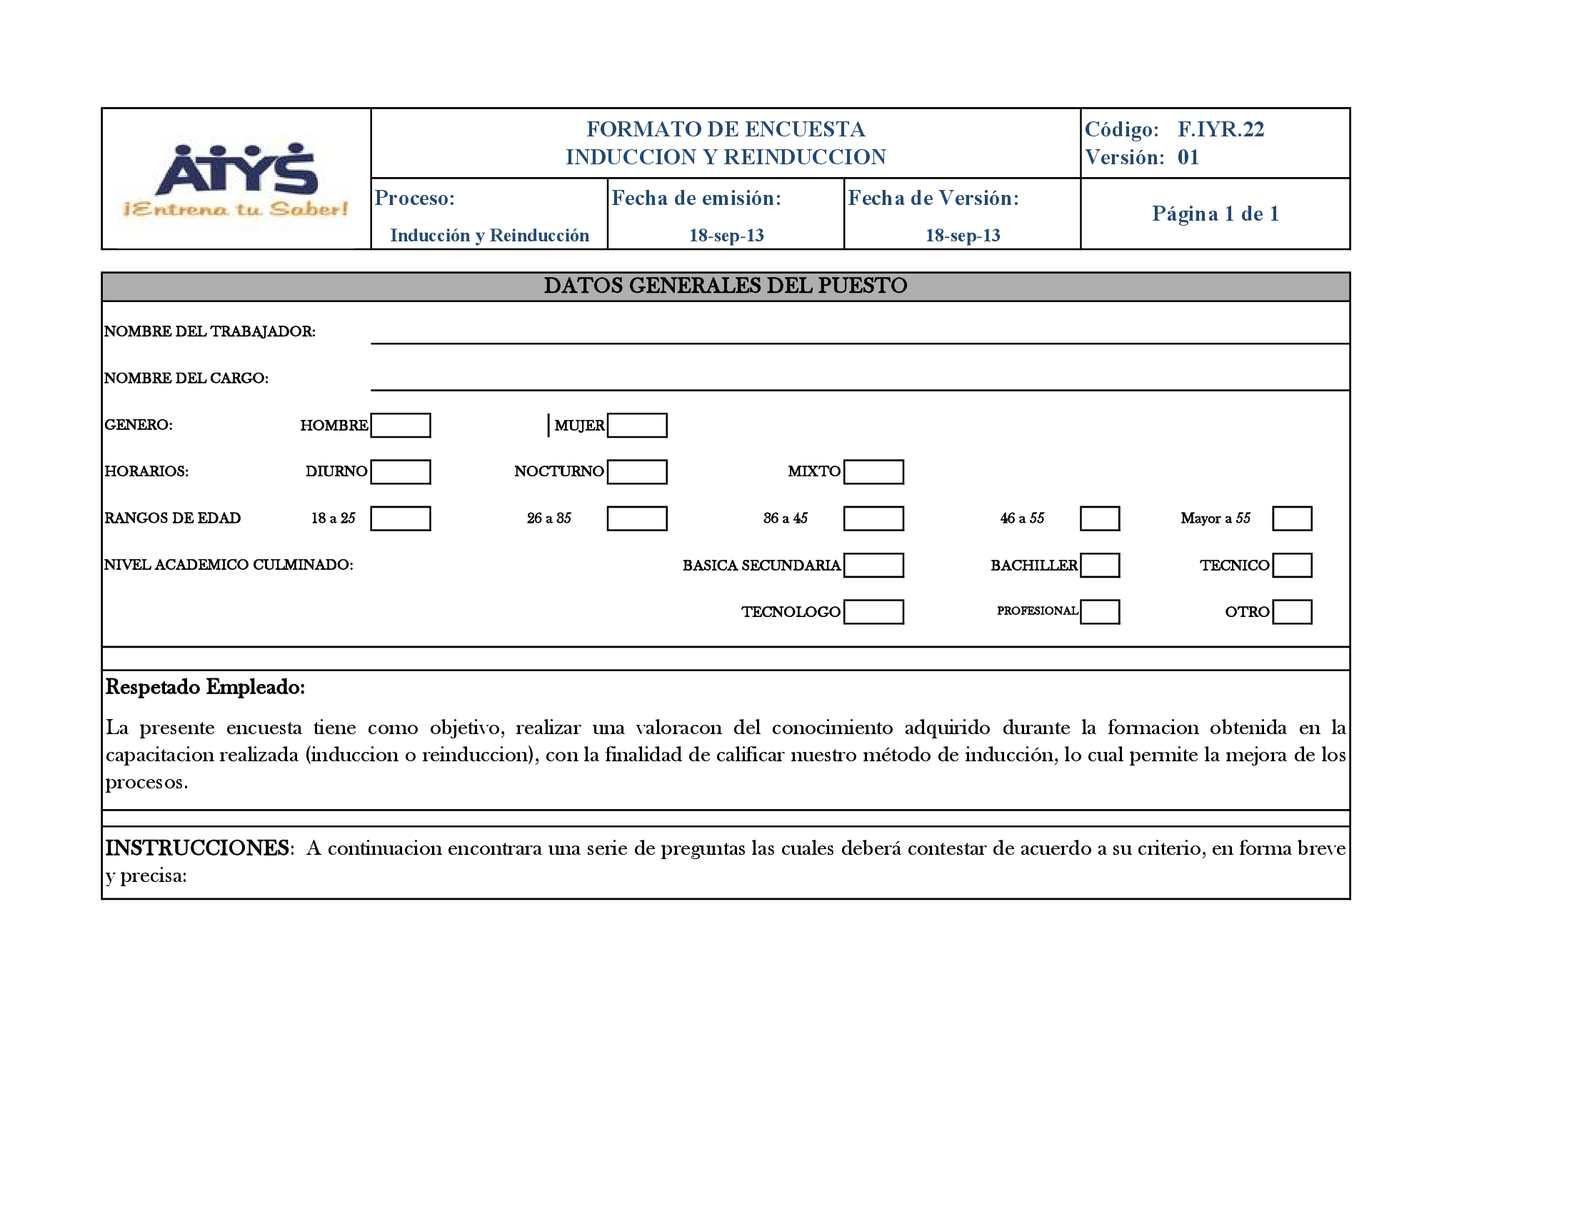 calaméo f iyr 22 formato encuesta induccion y reinduccion